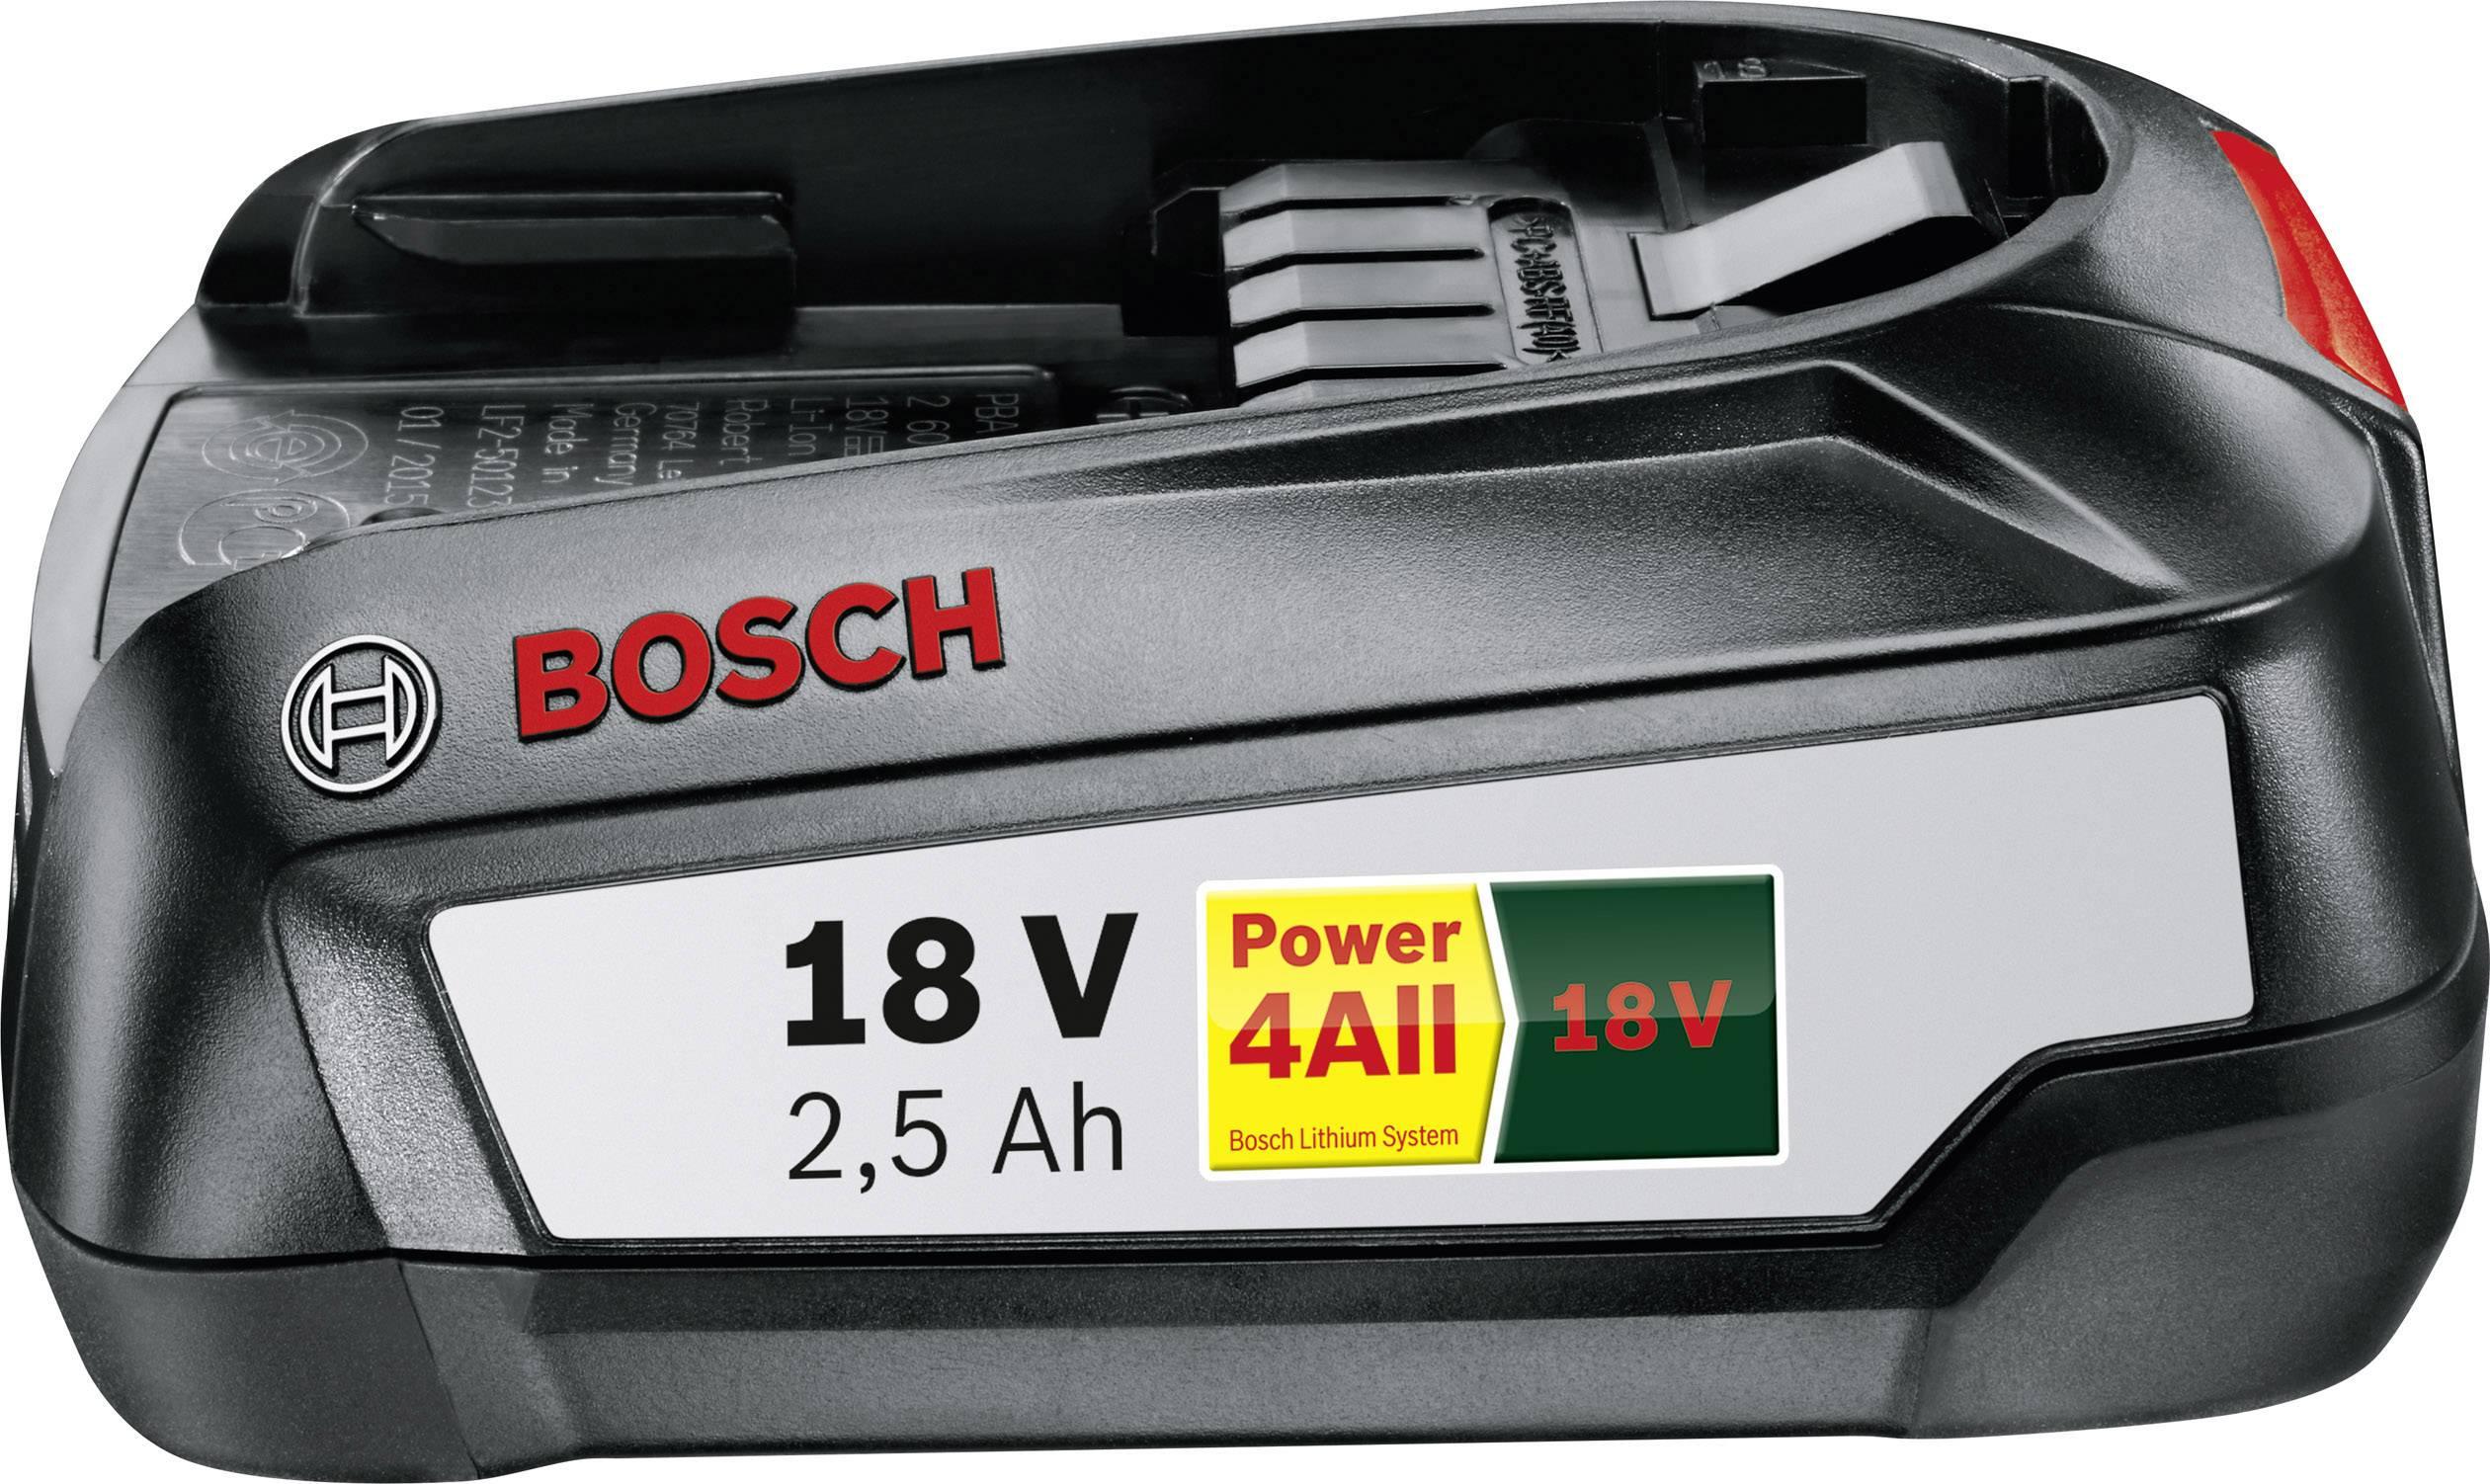 Náhradný akumulátor pre elektrické náradie, Bosch Home and Garden PBA 1600A005B0, 18 V, 2.5 Ah, Li-Ion akumulátor